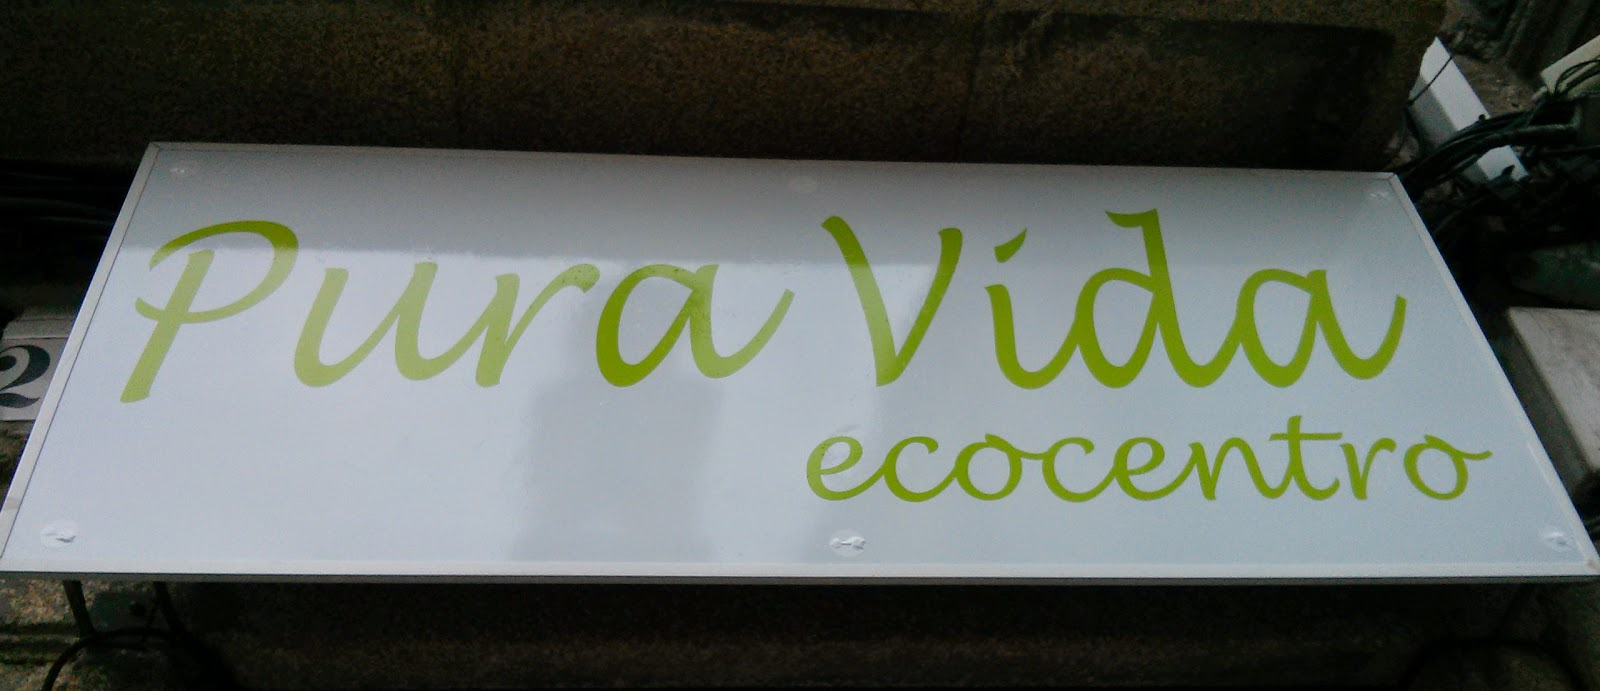 Pura Vida Ecocentro tienda ecologica coruña